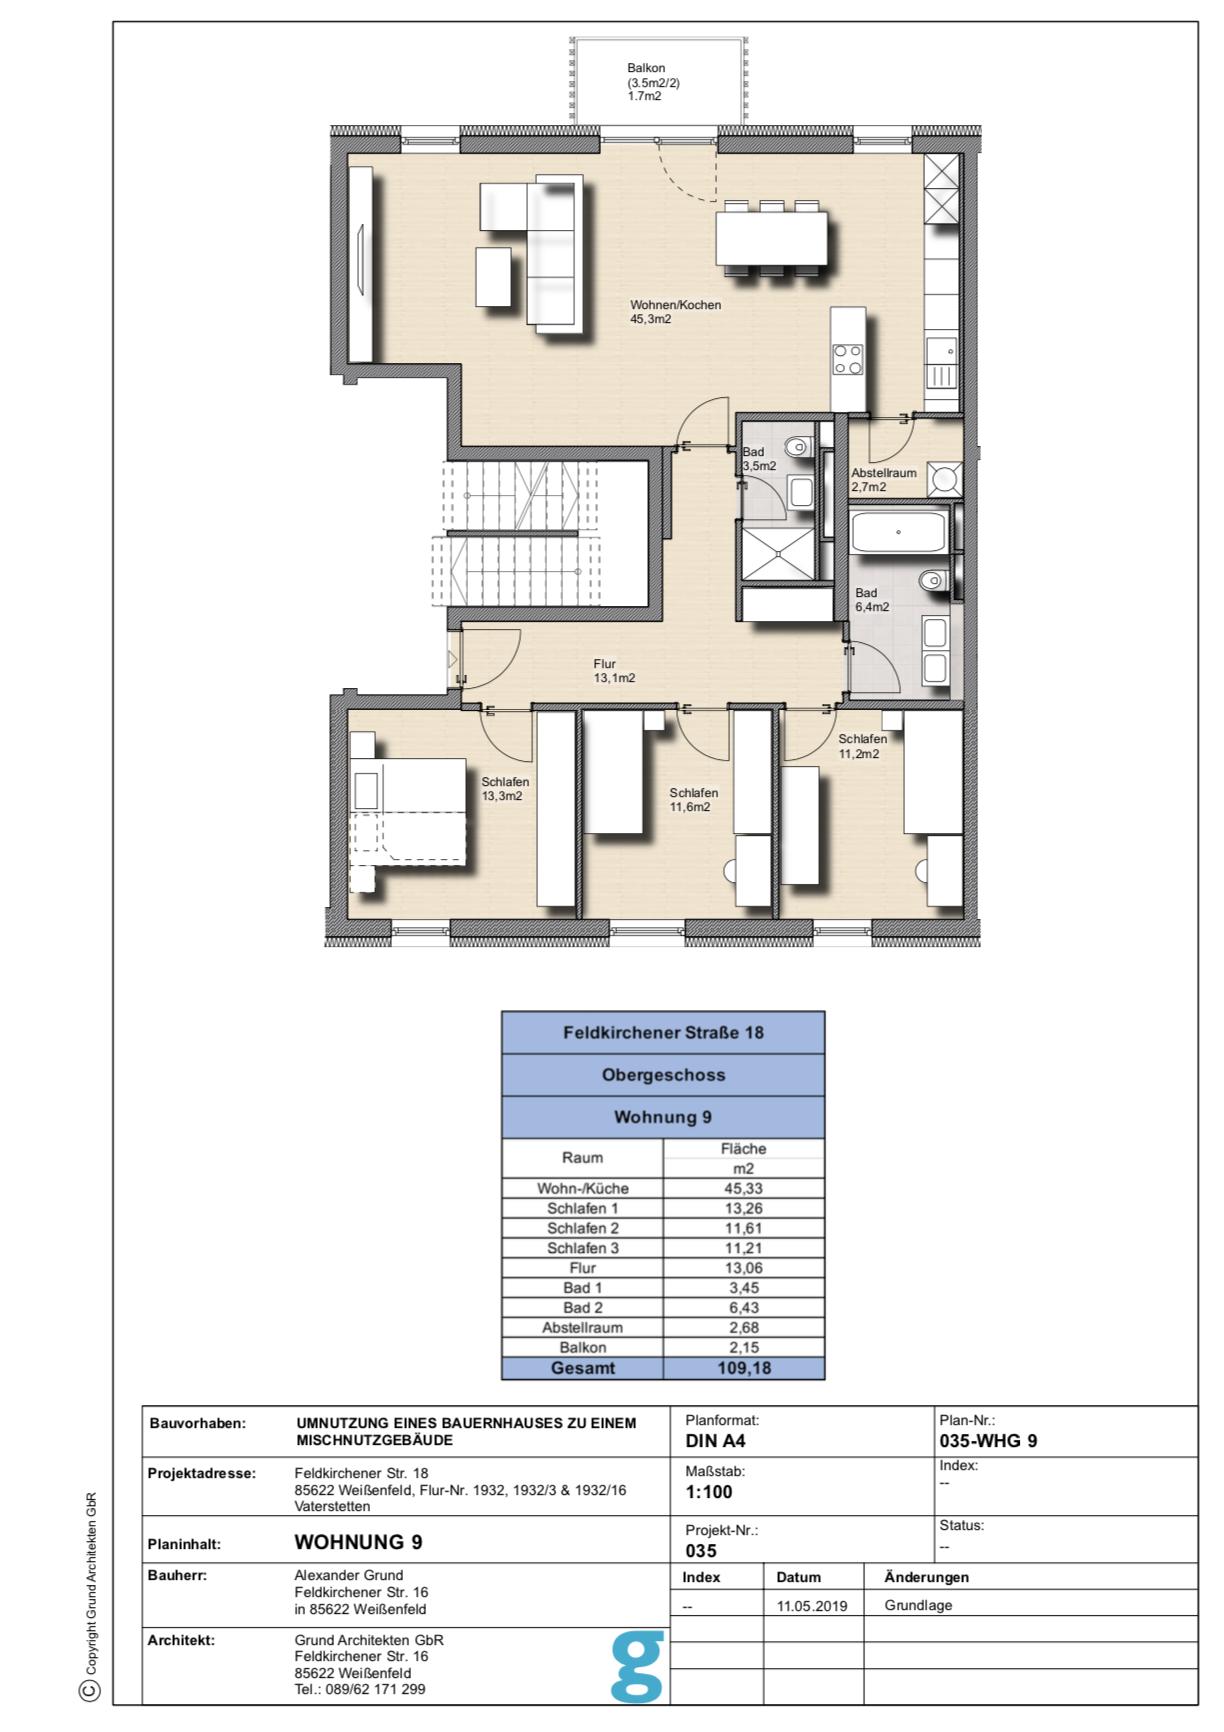 Attraktive 4-Zimmer-Wohnung mit hochwertiger Ausstattung